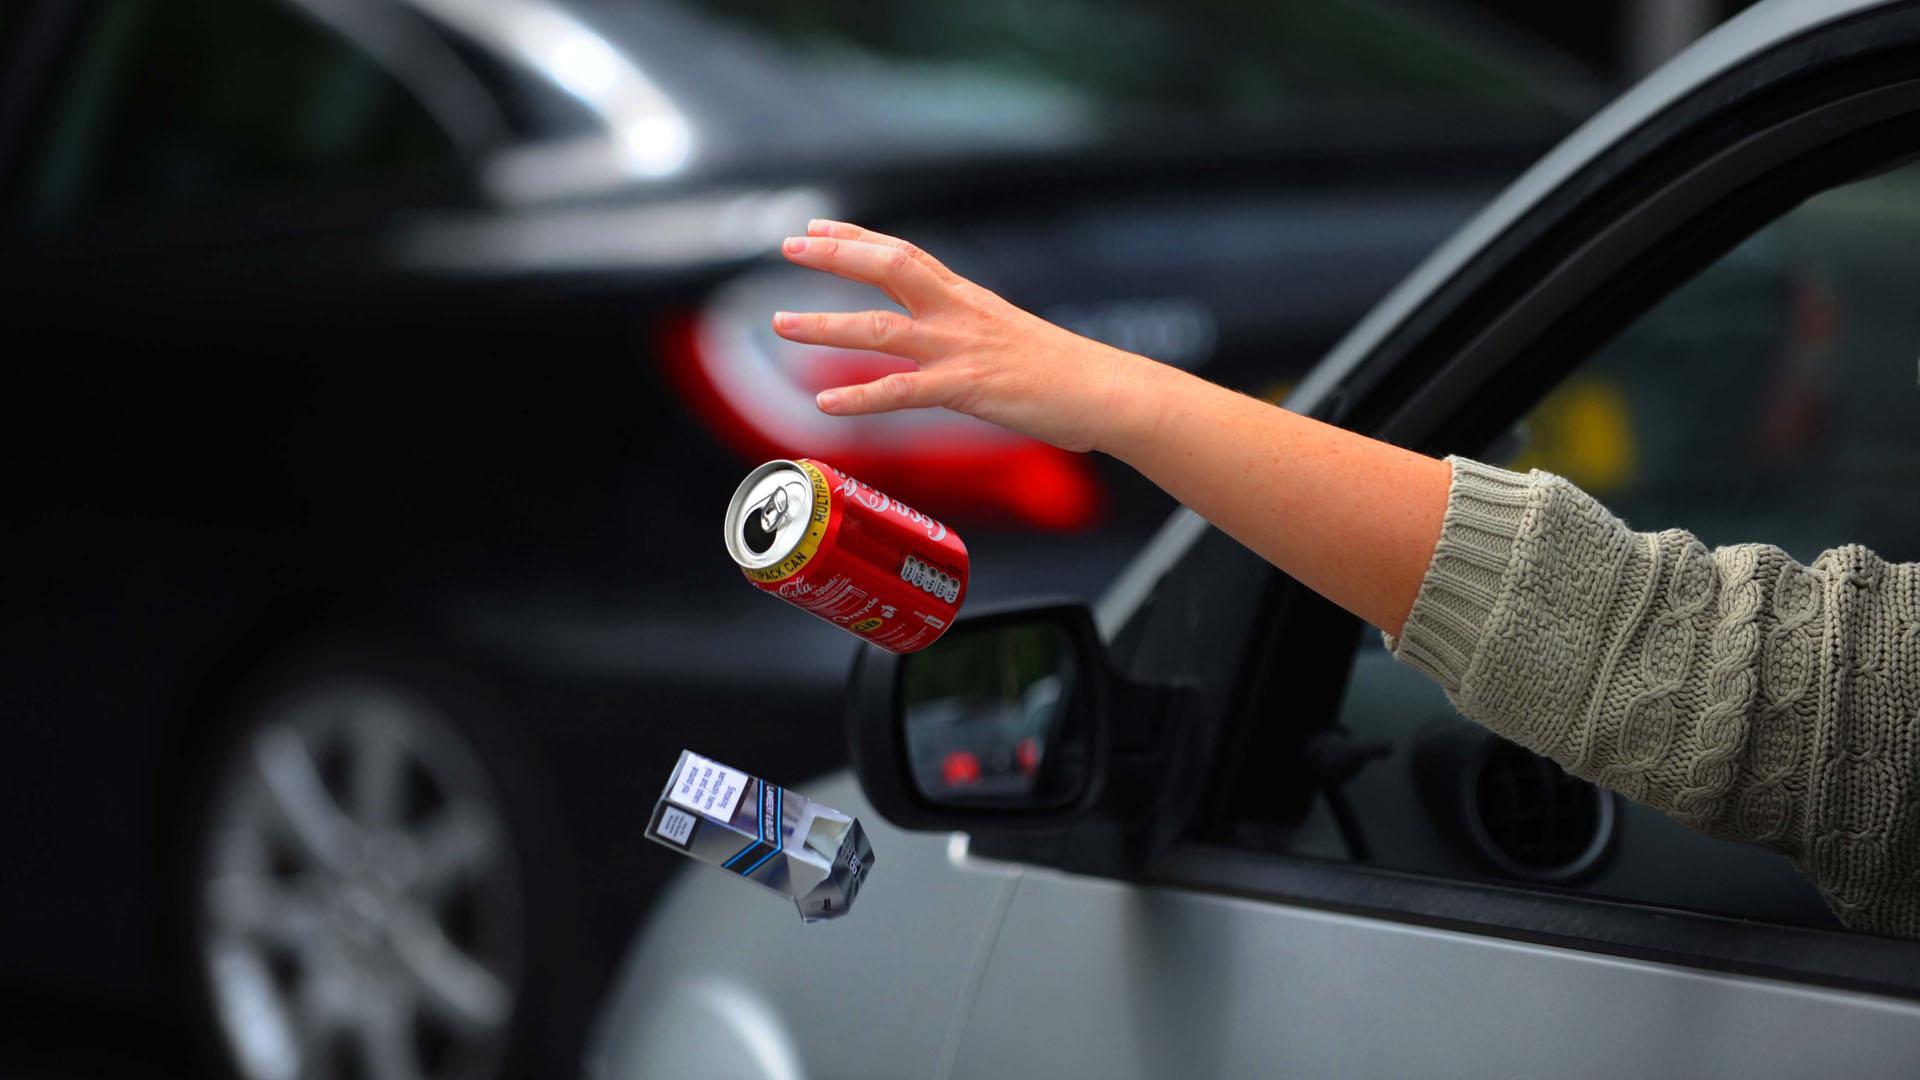 Планируется значительное повышение штрафов за мусор, выброшенный из окна автомобиля